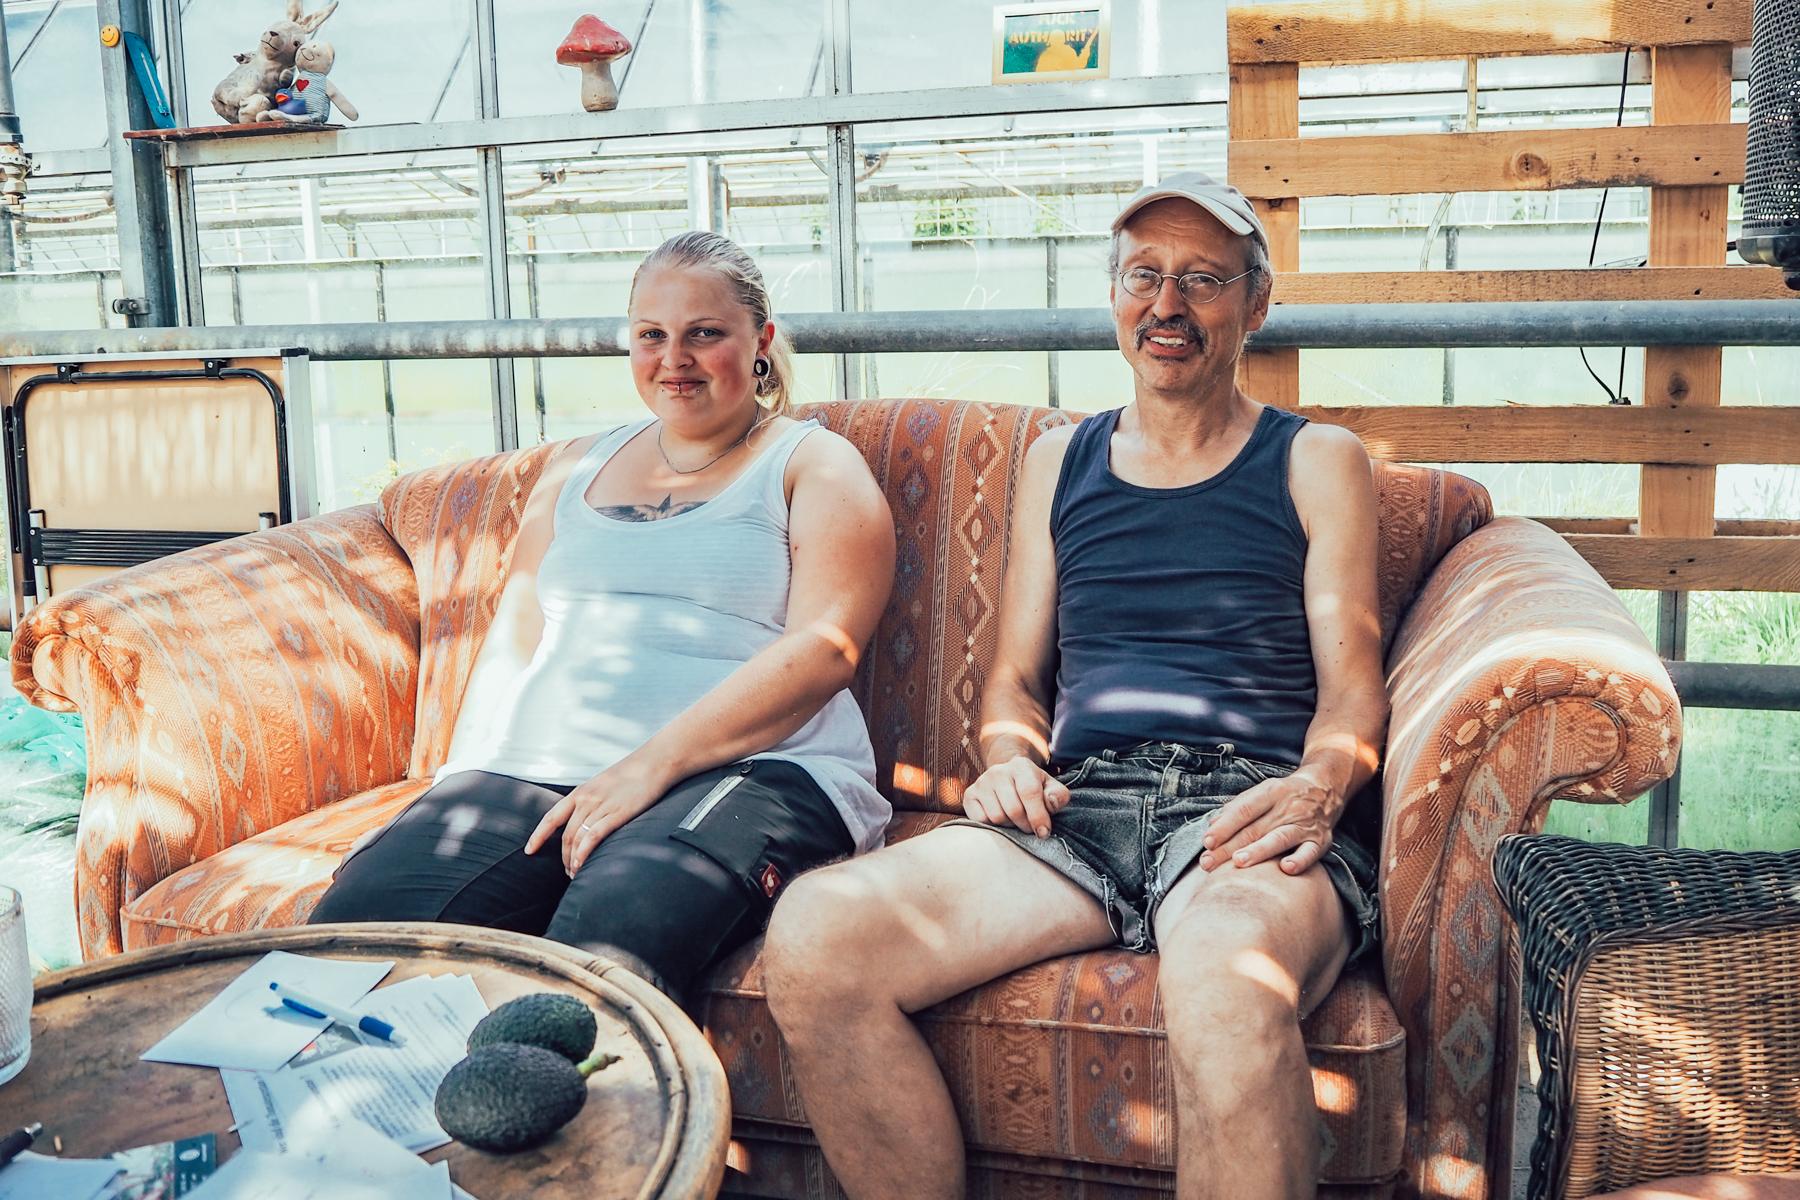 Wir bedanken uns bei den Tomatenrettern Jule und Hilmar für den herzlichen Empfang auf dem Hof vorm Deich.